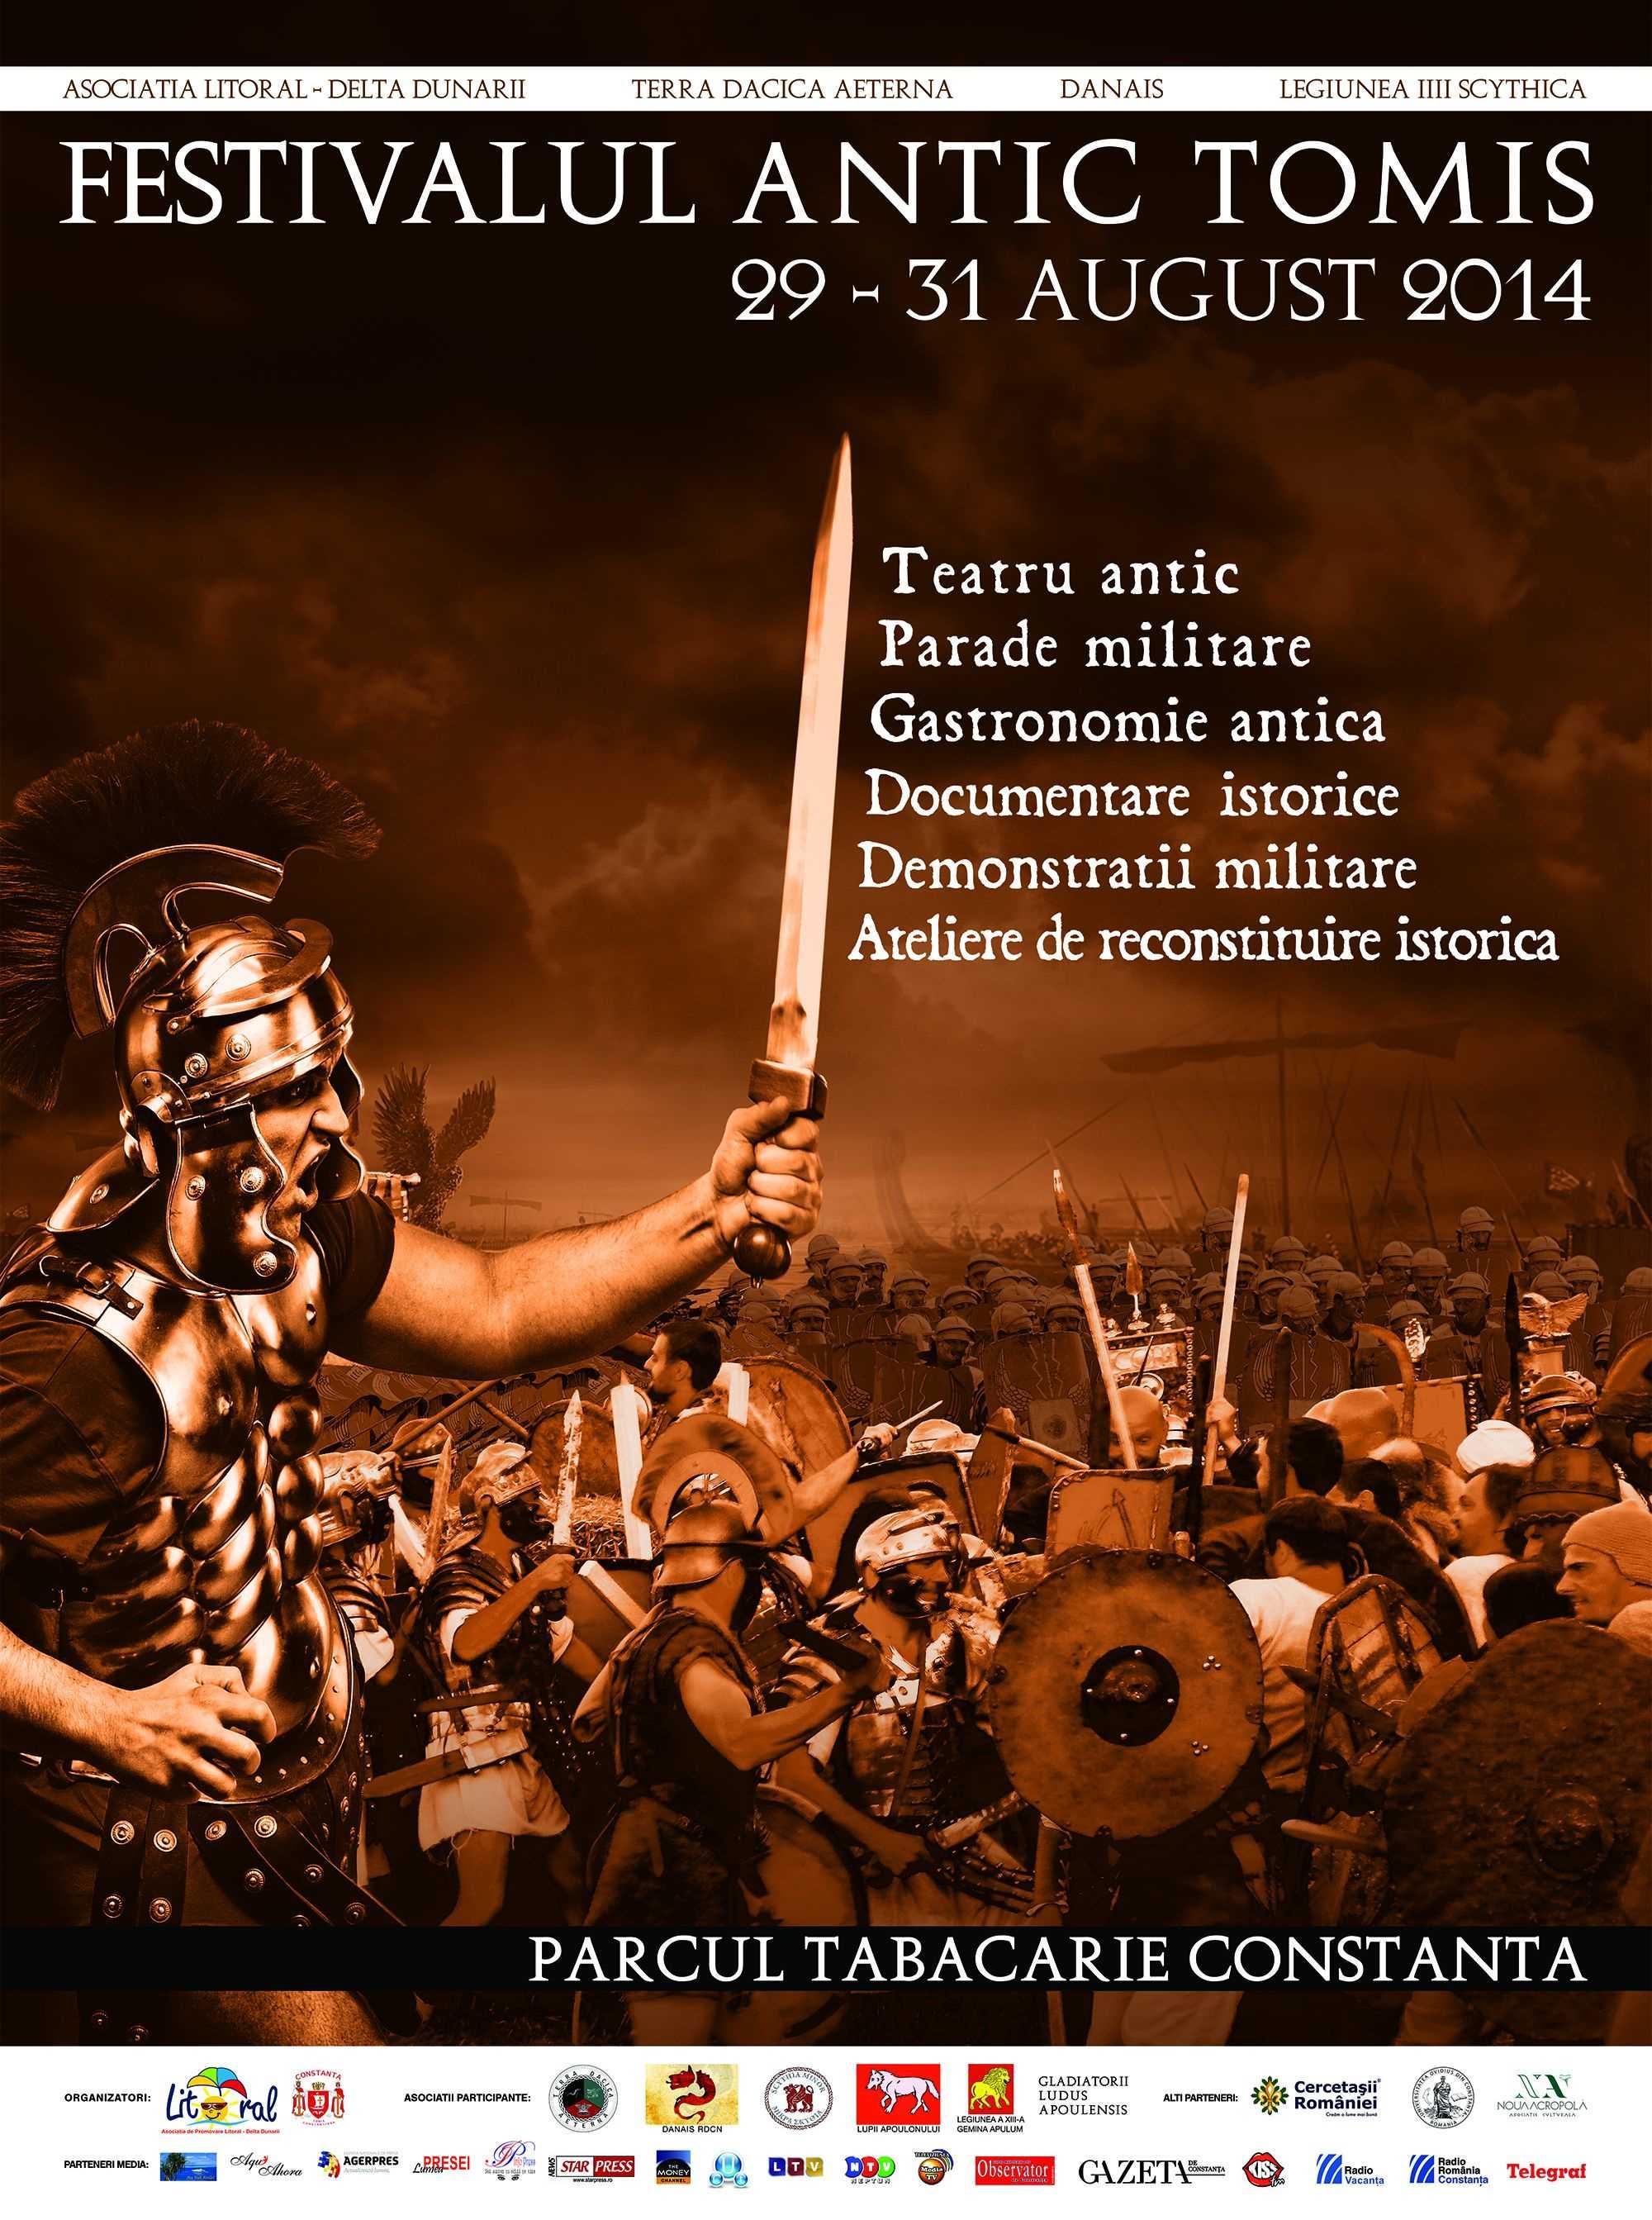 Au mai ramas 7 zile pana la Festivalul Antic Tomis!